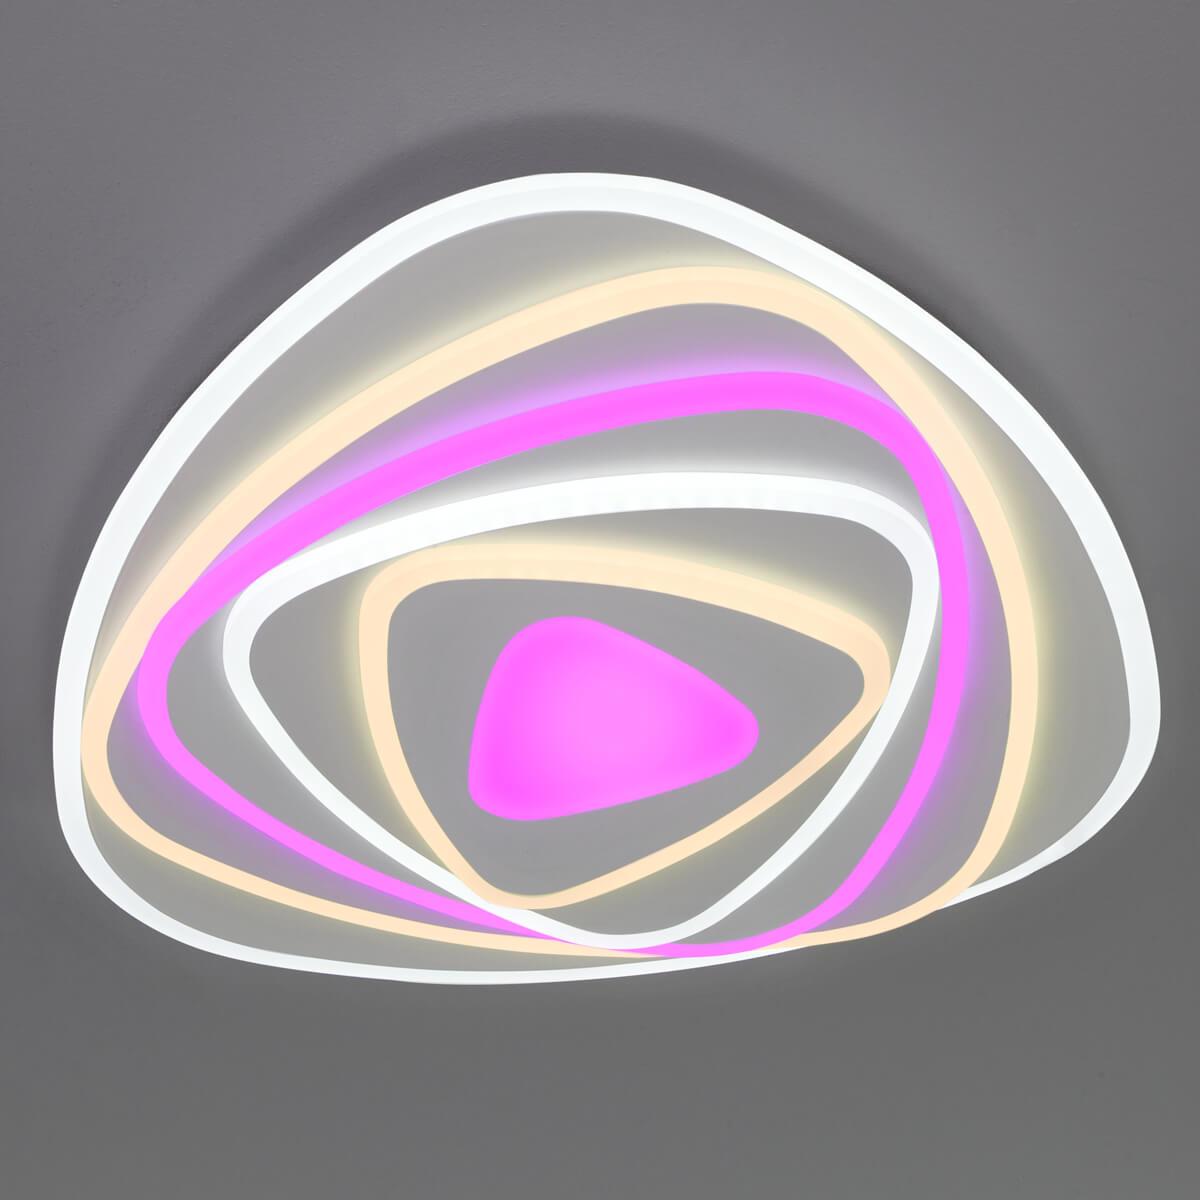 Фото - Светильник Eurosvet 90225/1 белый Coloris светильник eurosvet 90095 10 белый begonia